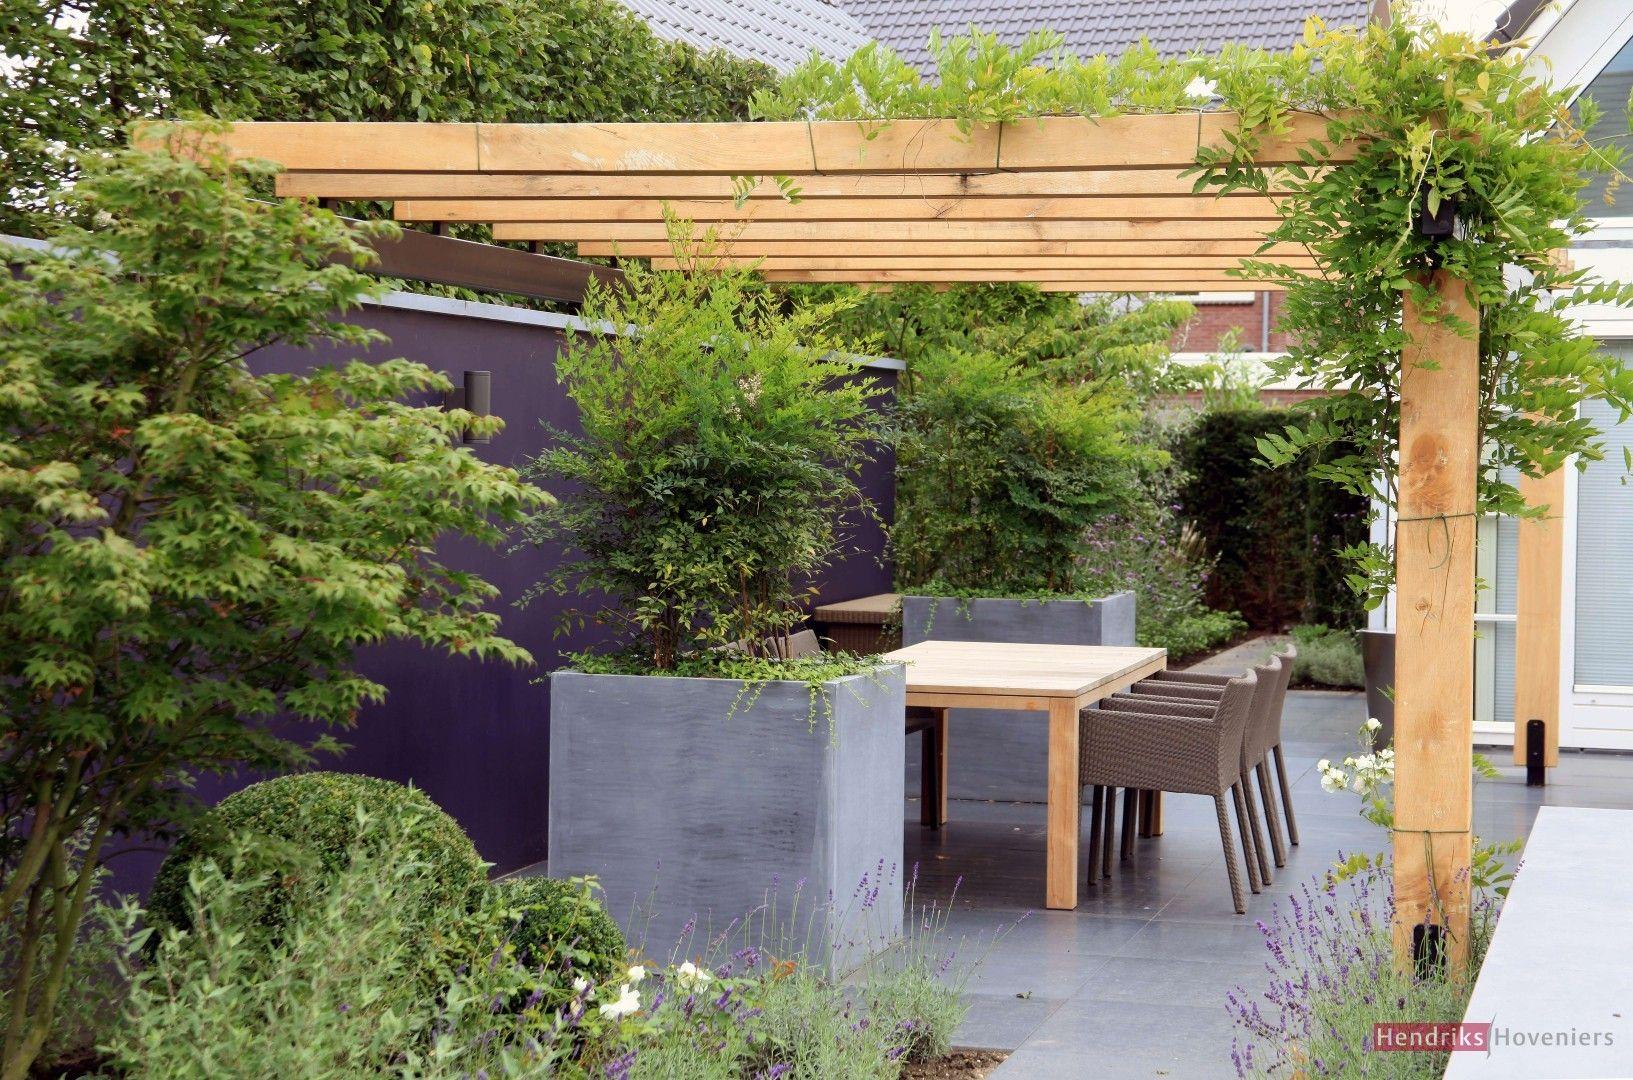 Moderne tuin in elst hendriks hoveniers urban